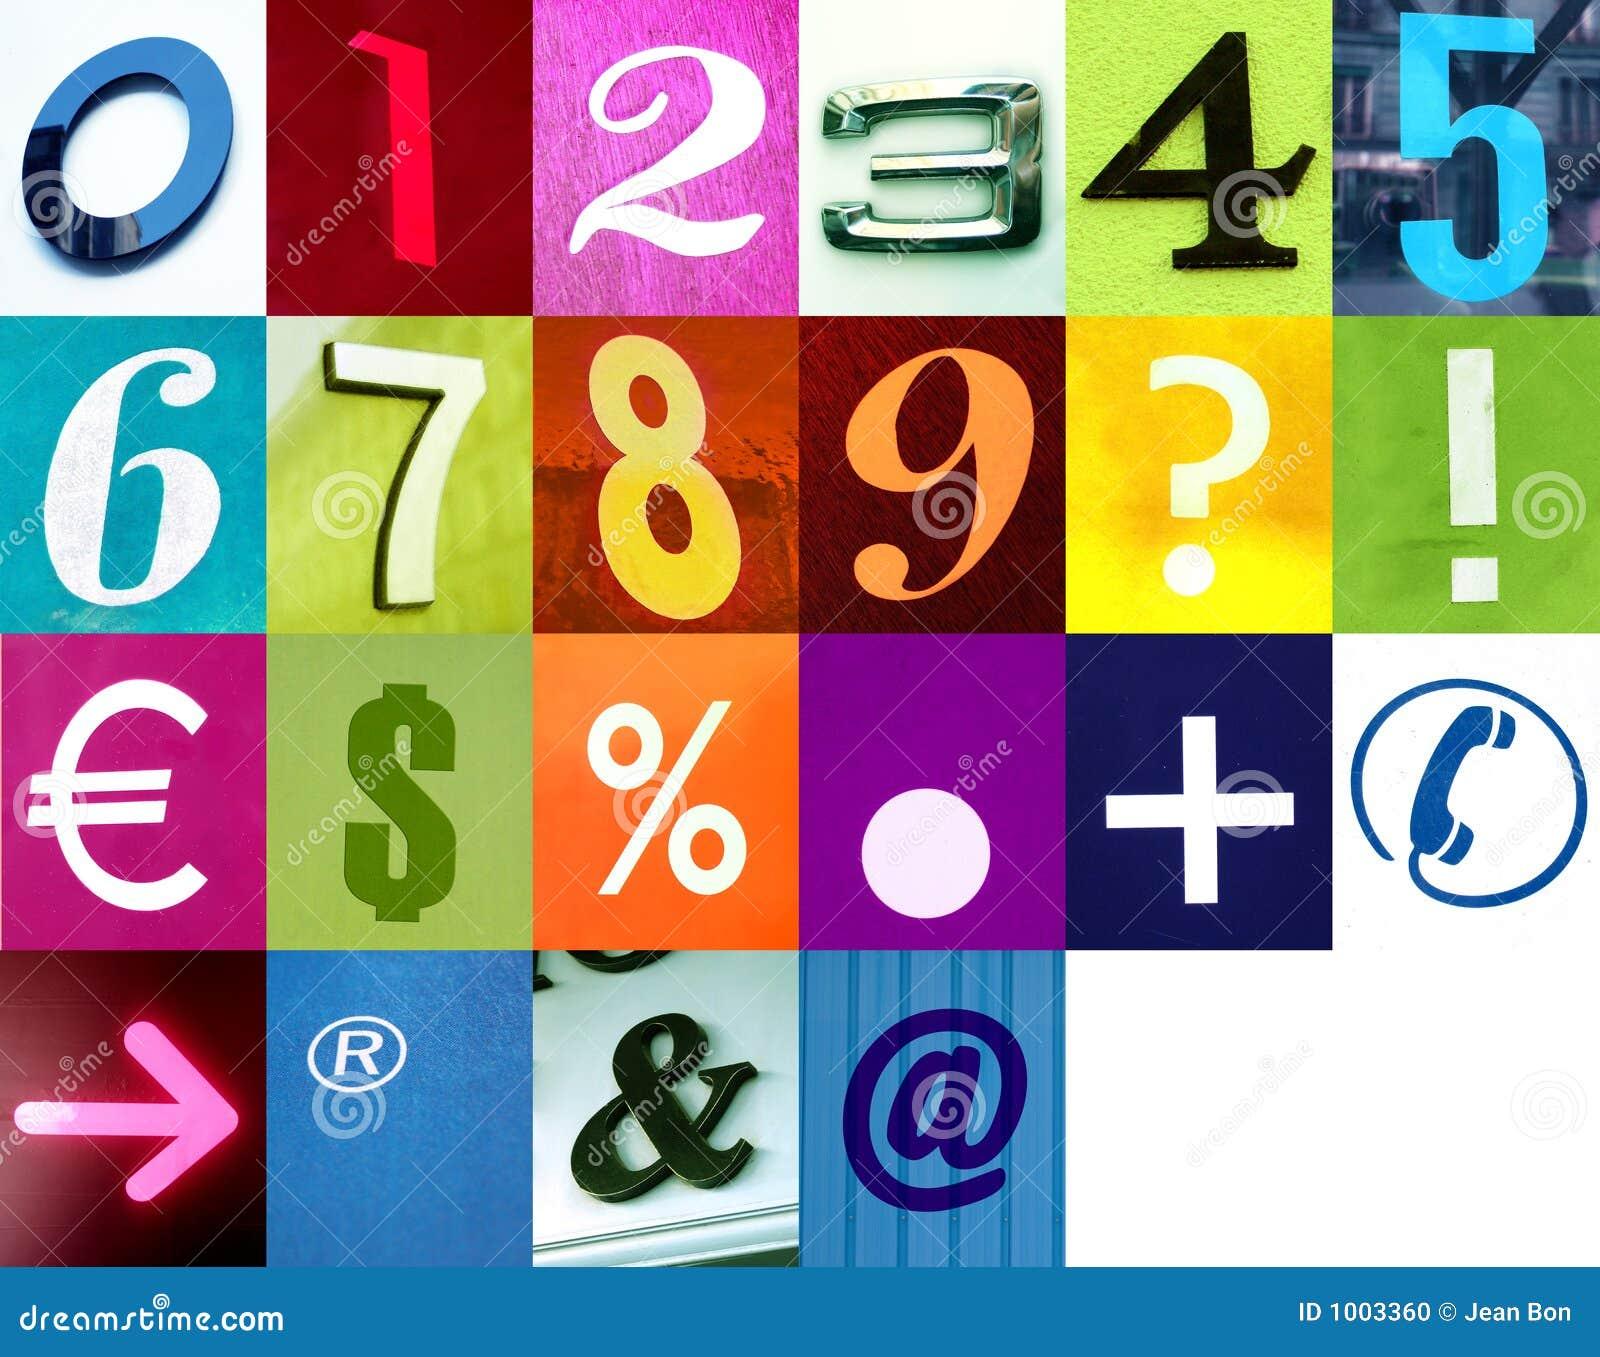 Escriba a números con esto las muestras